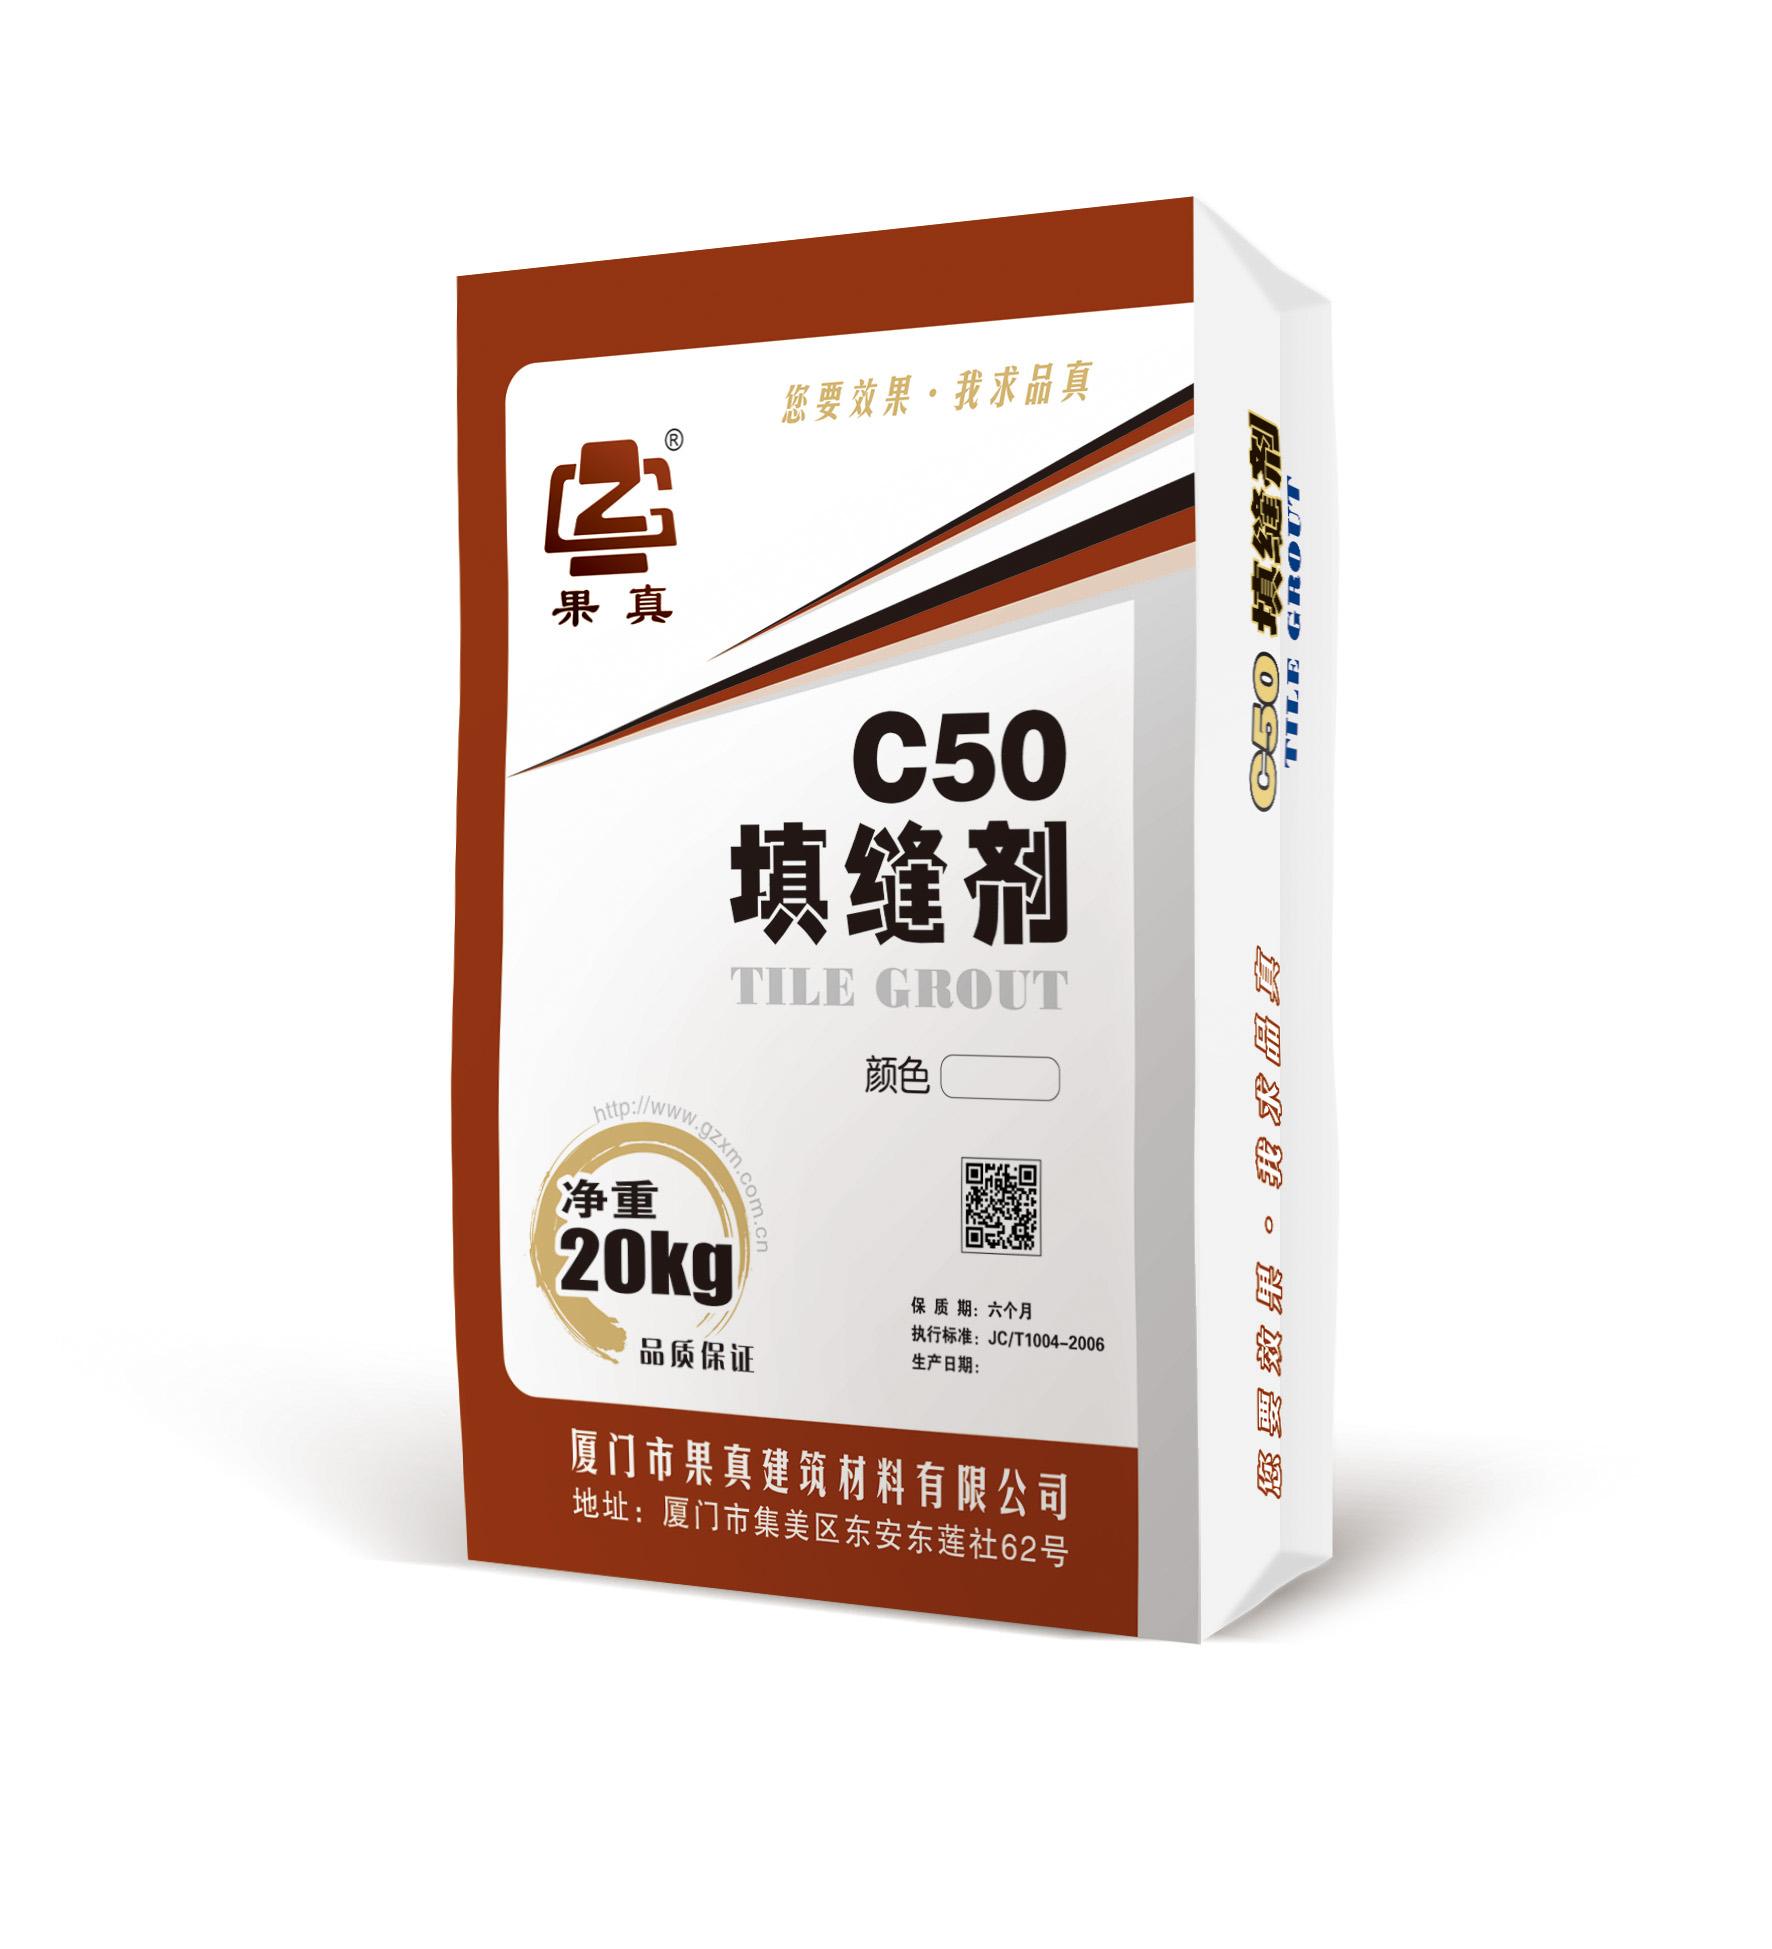 果真C50填缝剂